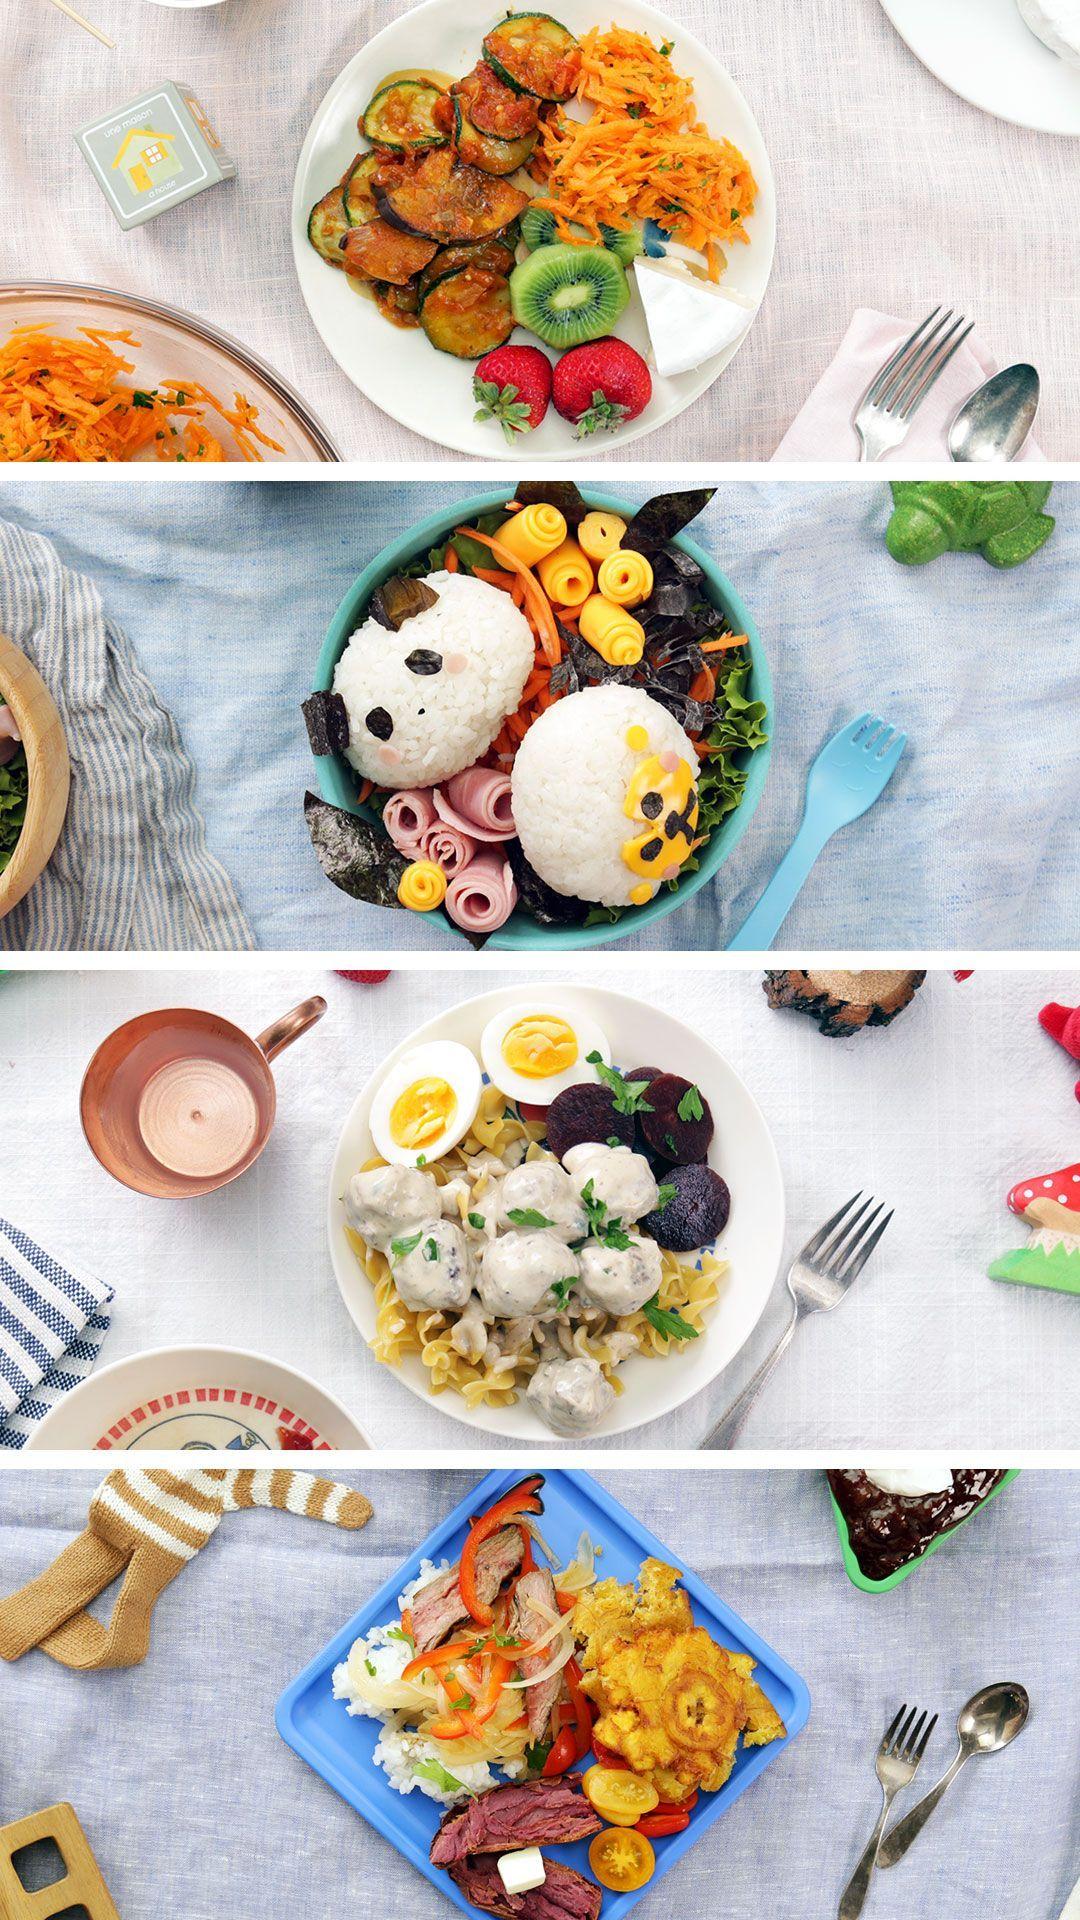 Kids Lunches Around the World 4 Ways Kids Lunches Around the World 4 Ways Tastemade tastemade Taste